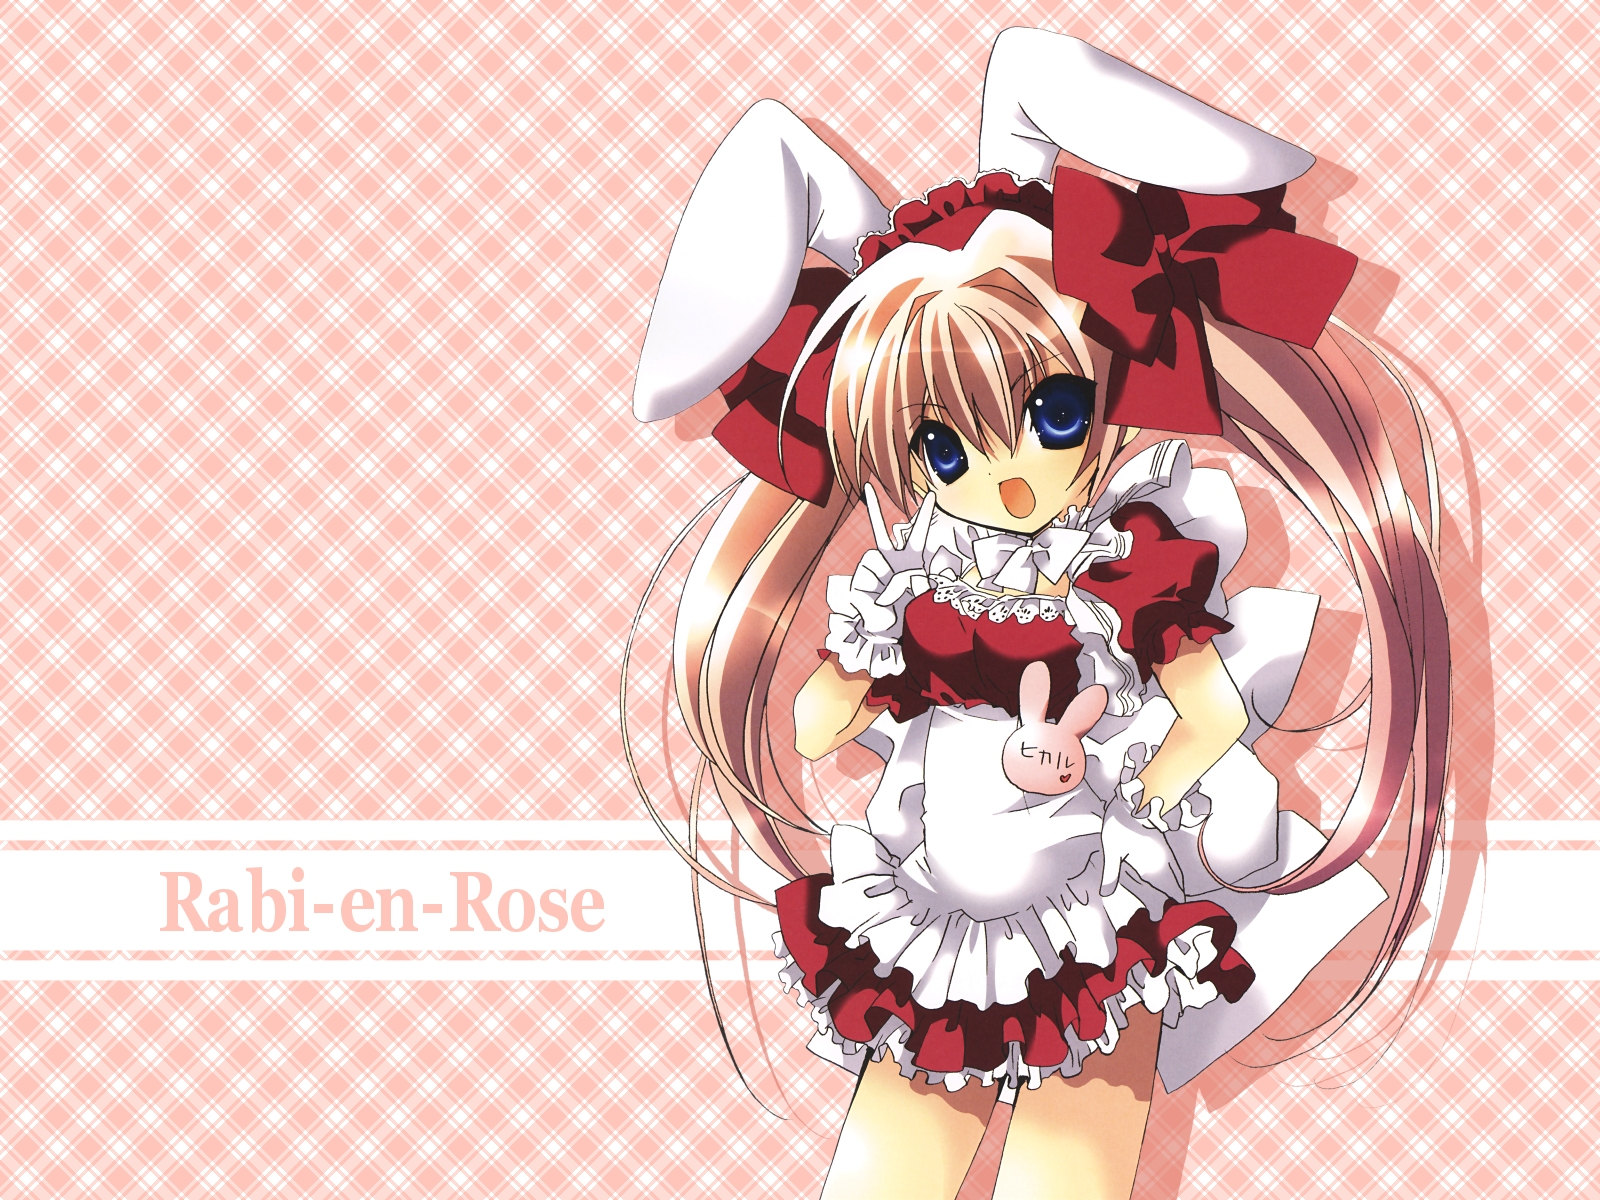 animal_ears bunnygirl di_gi_charat usada_hikaru